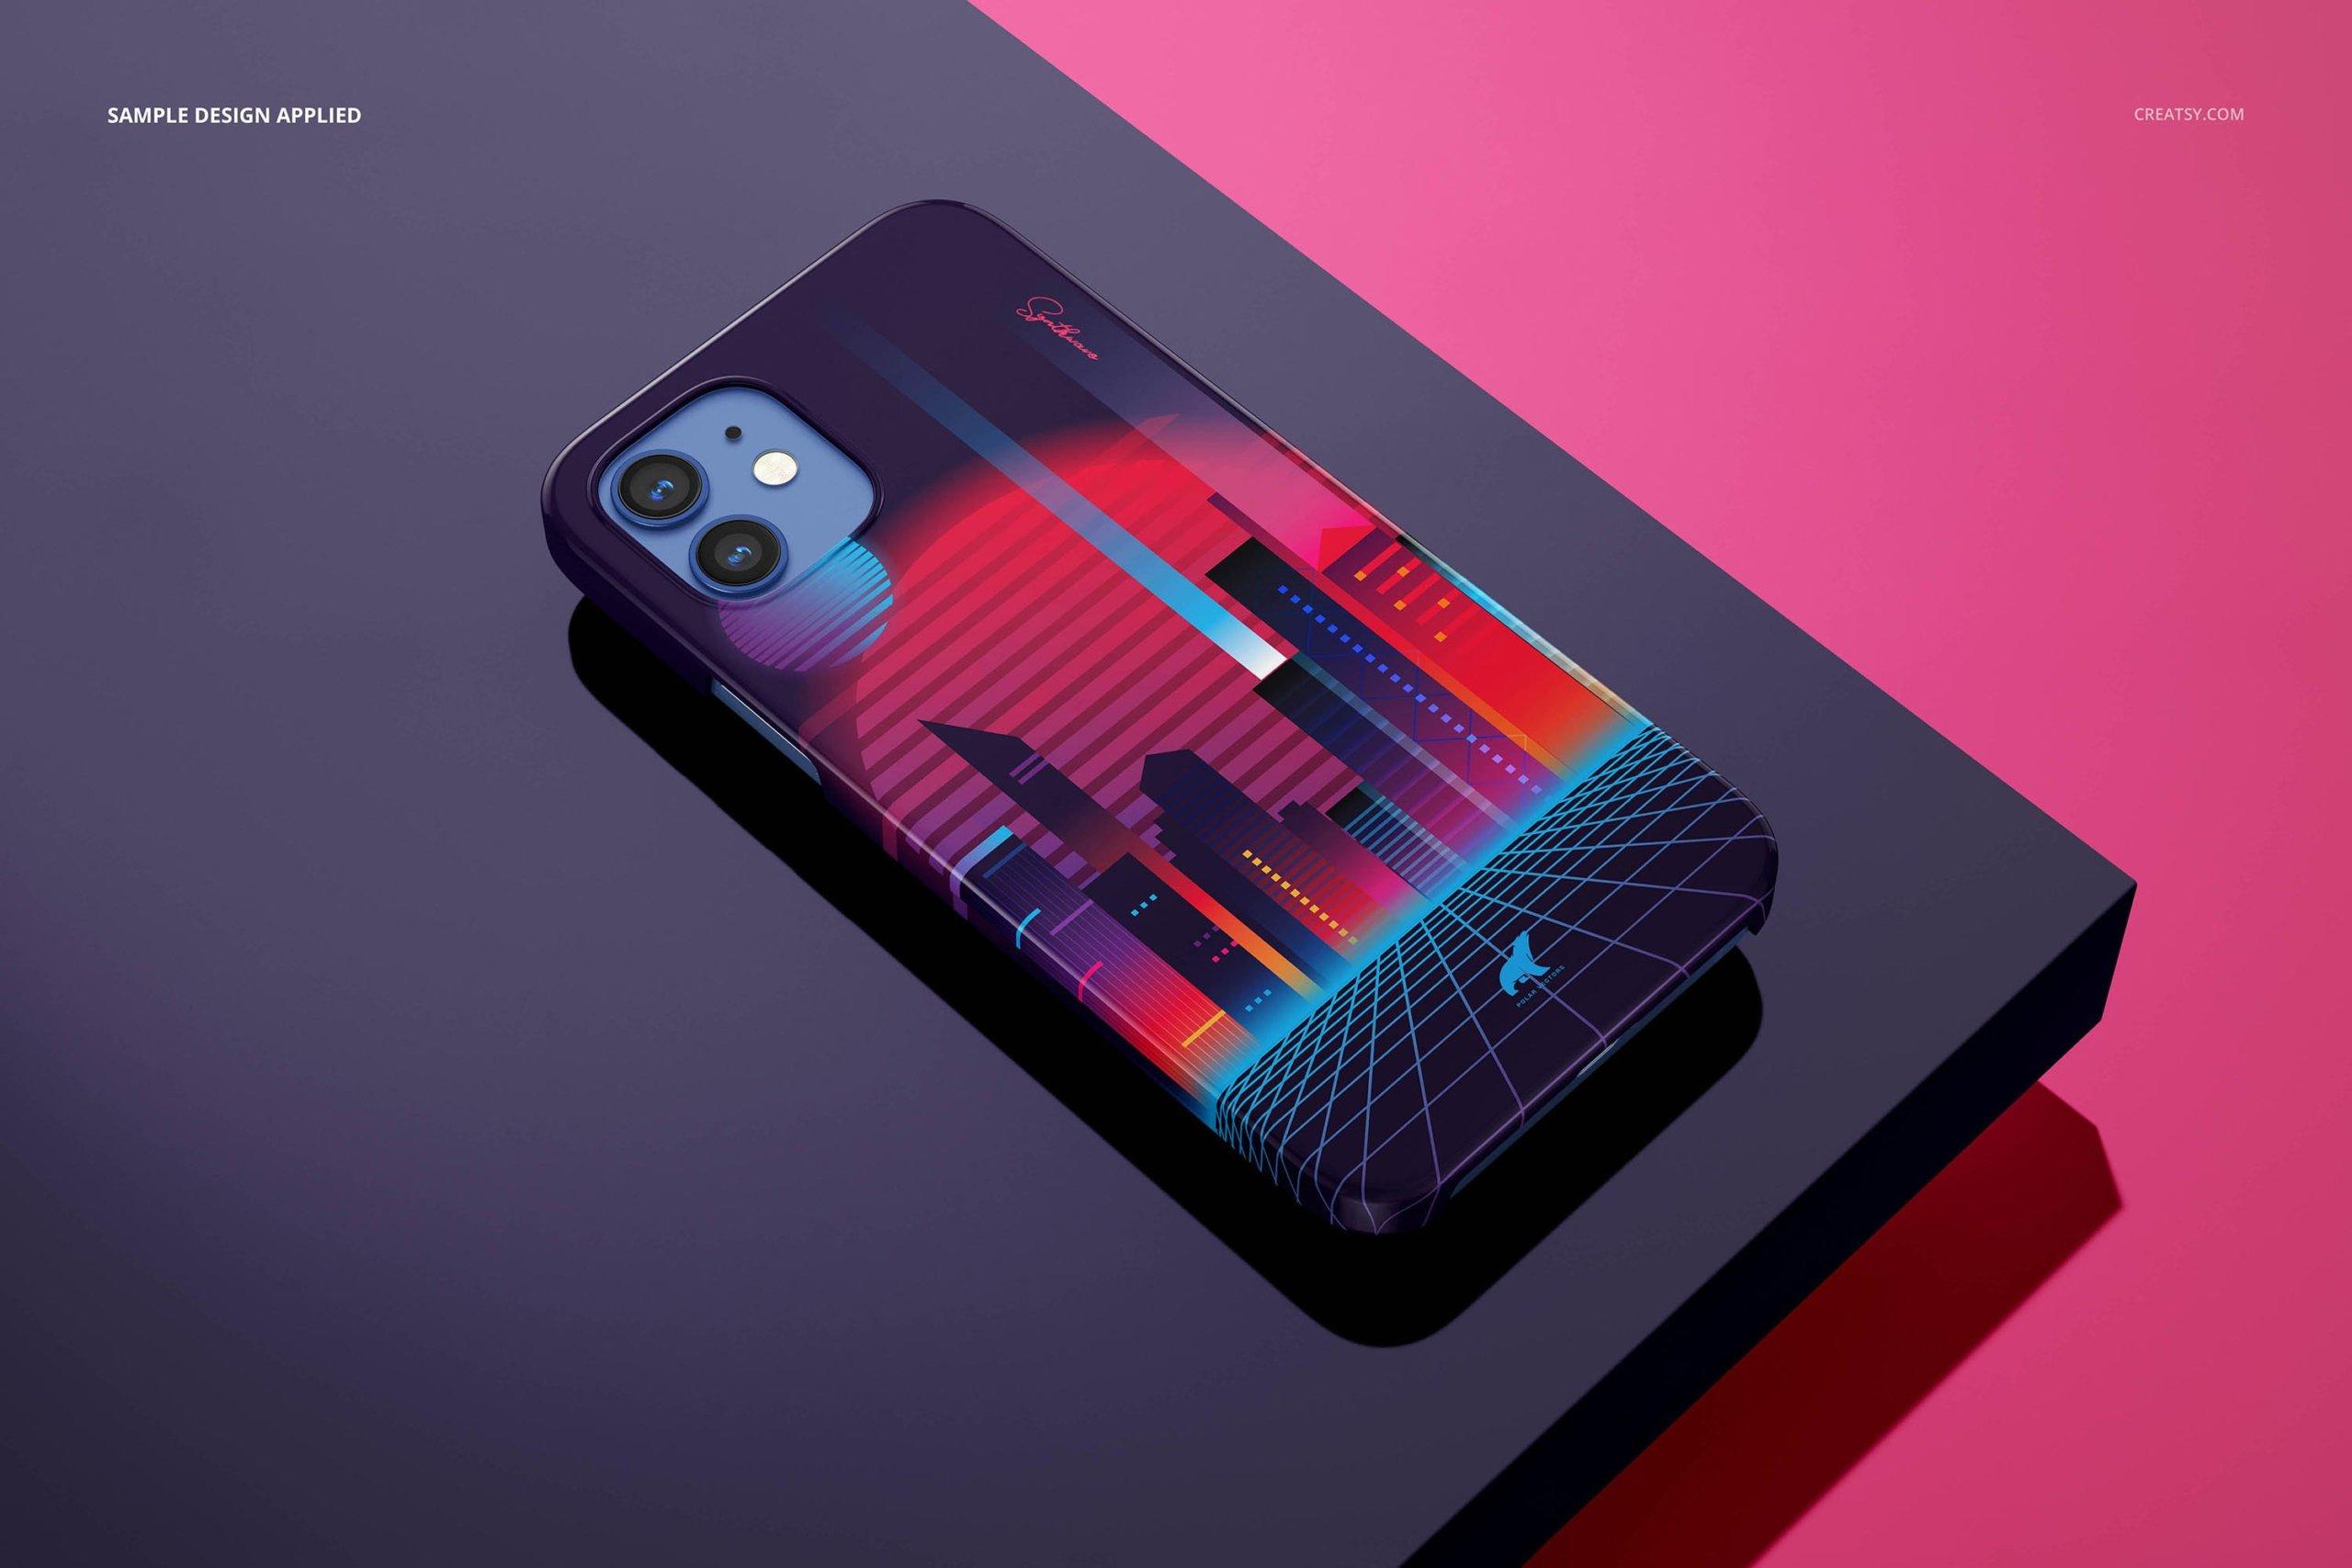 [单独购买] 26款时尚光滑苹果iPhone 12手机保护壳设计PS贴图样机模板素材 iPhone 12 Glossy Snap Case 1 Mockup插图27